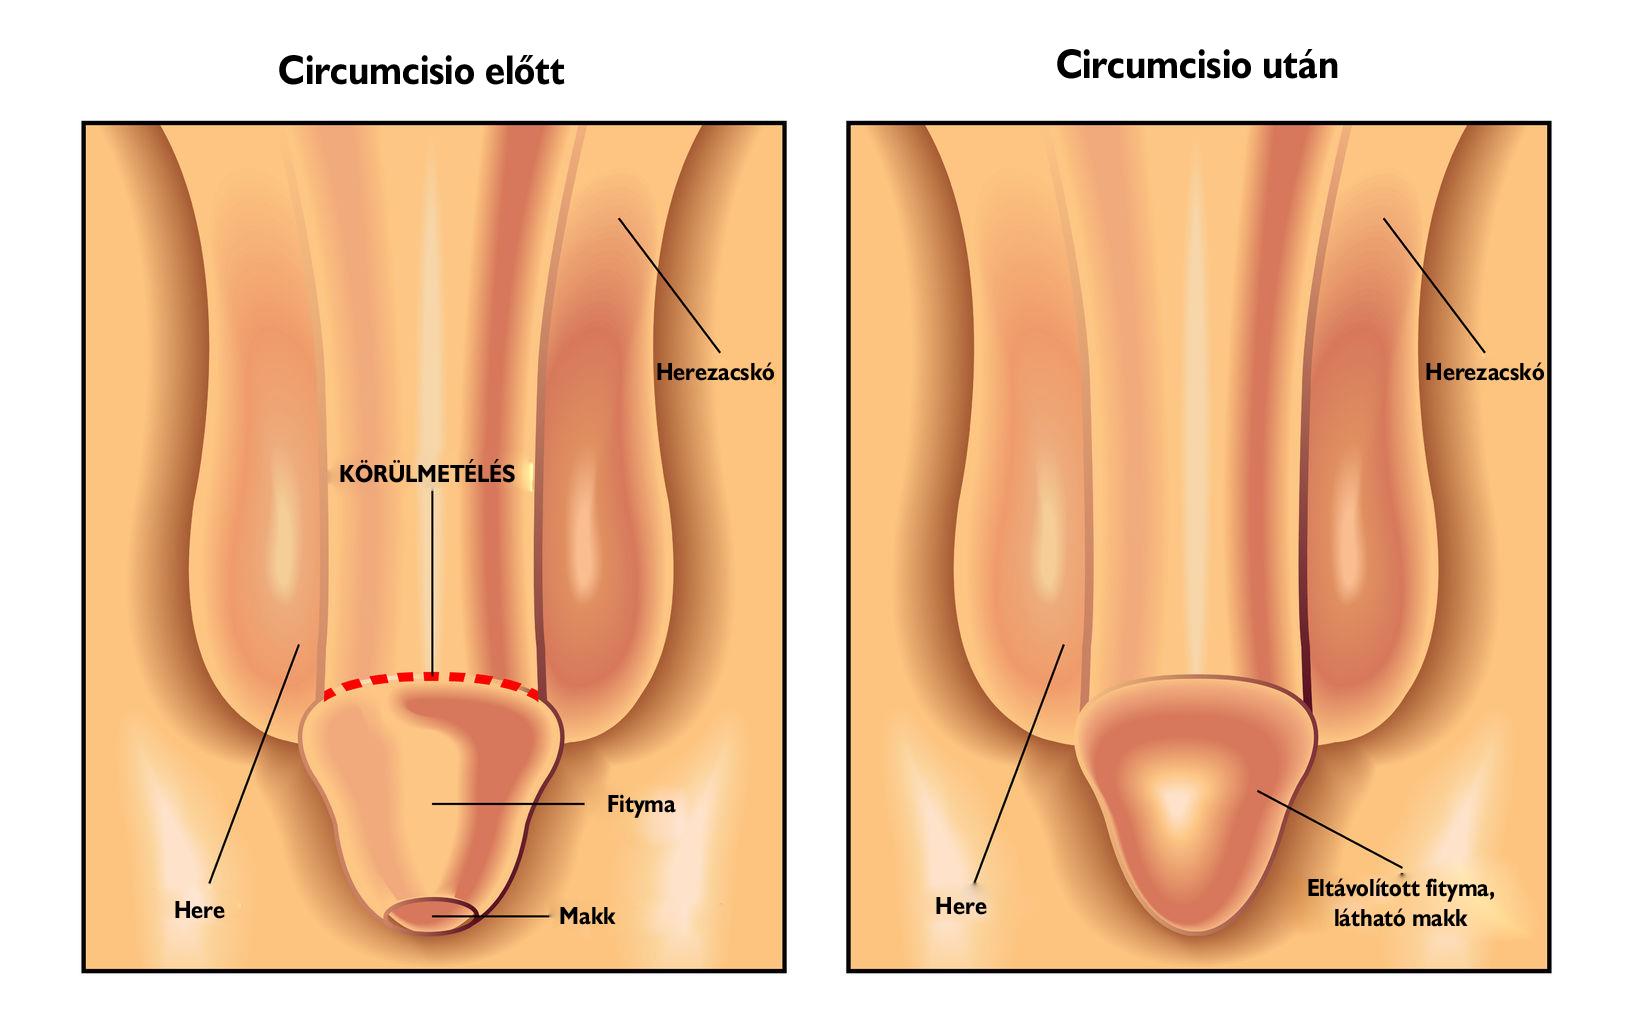 pénisz műtét előtt